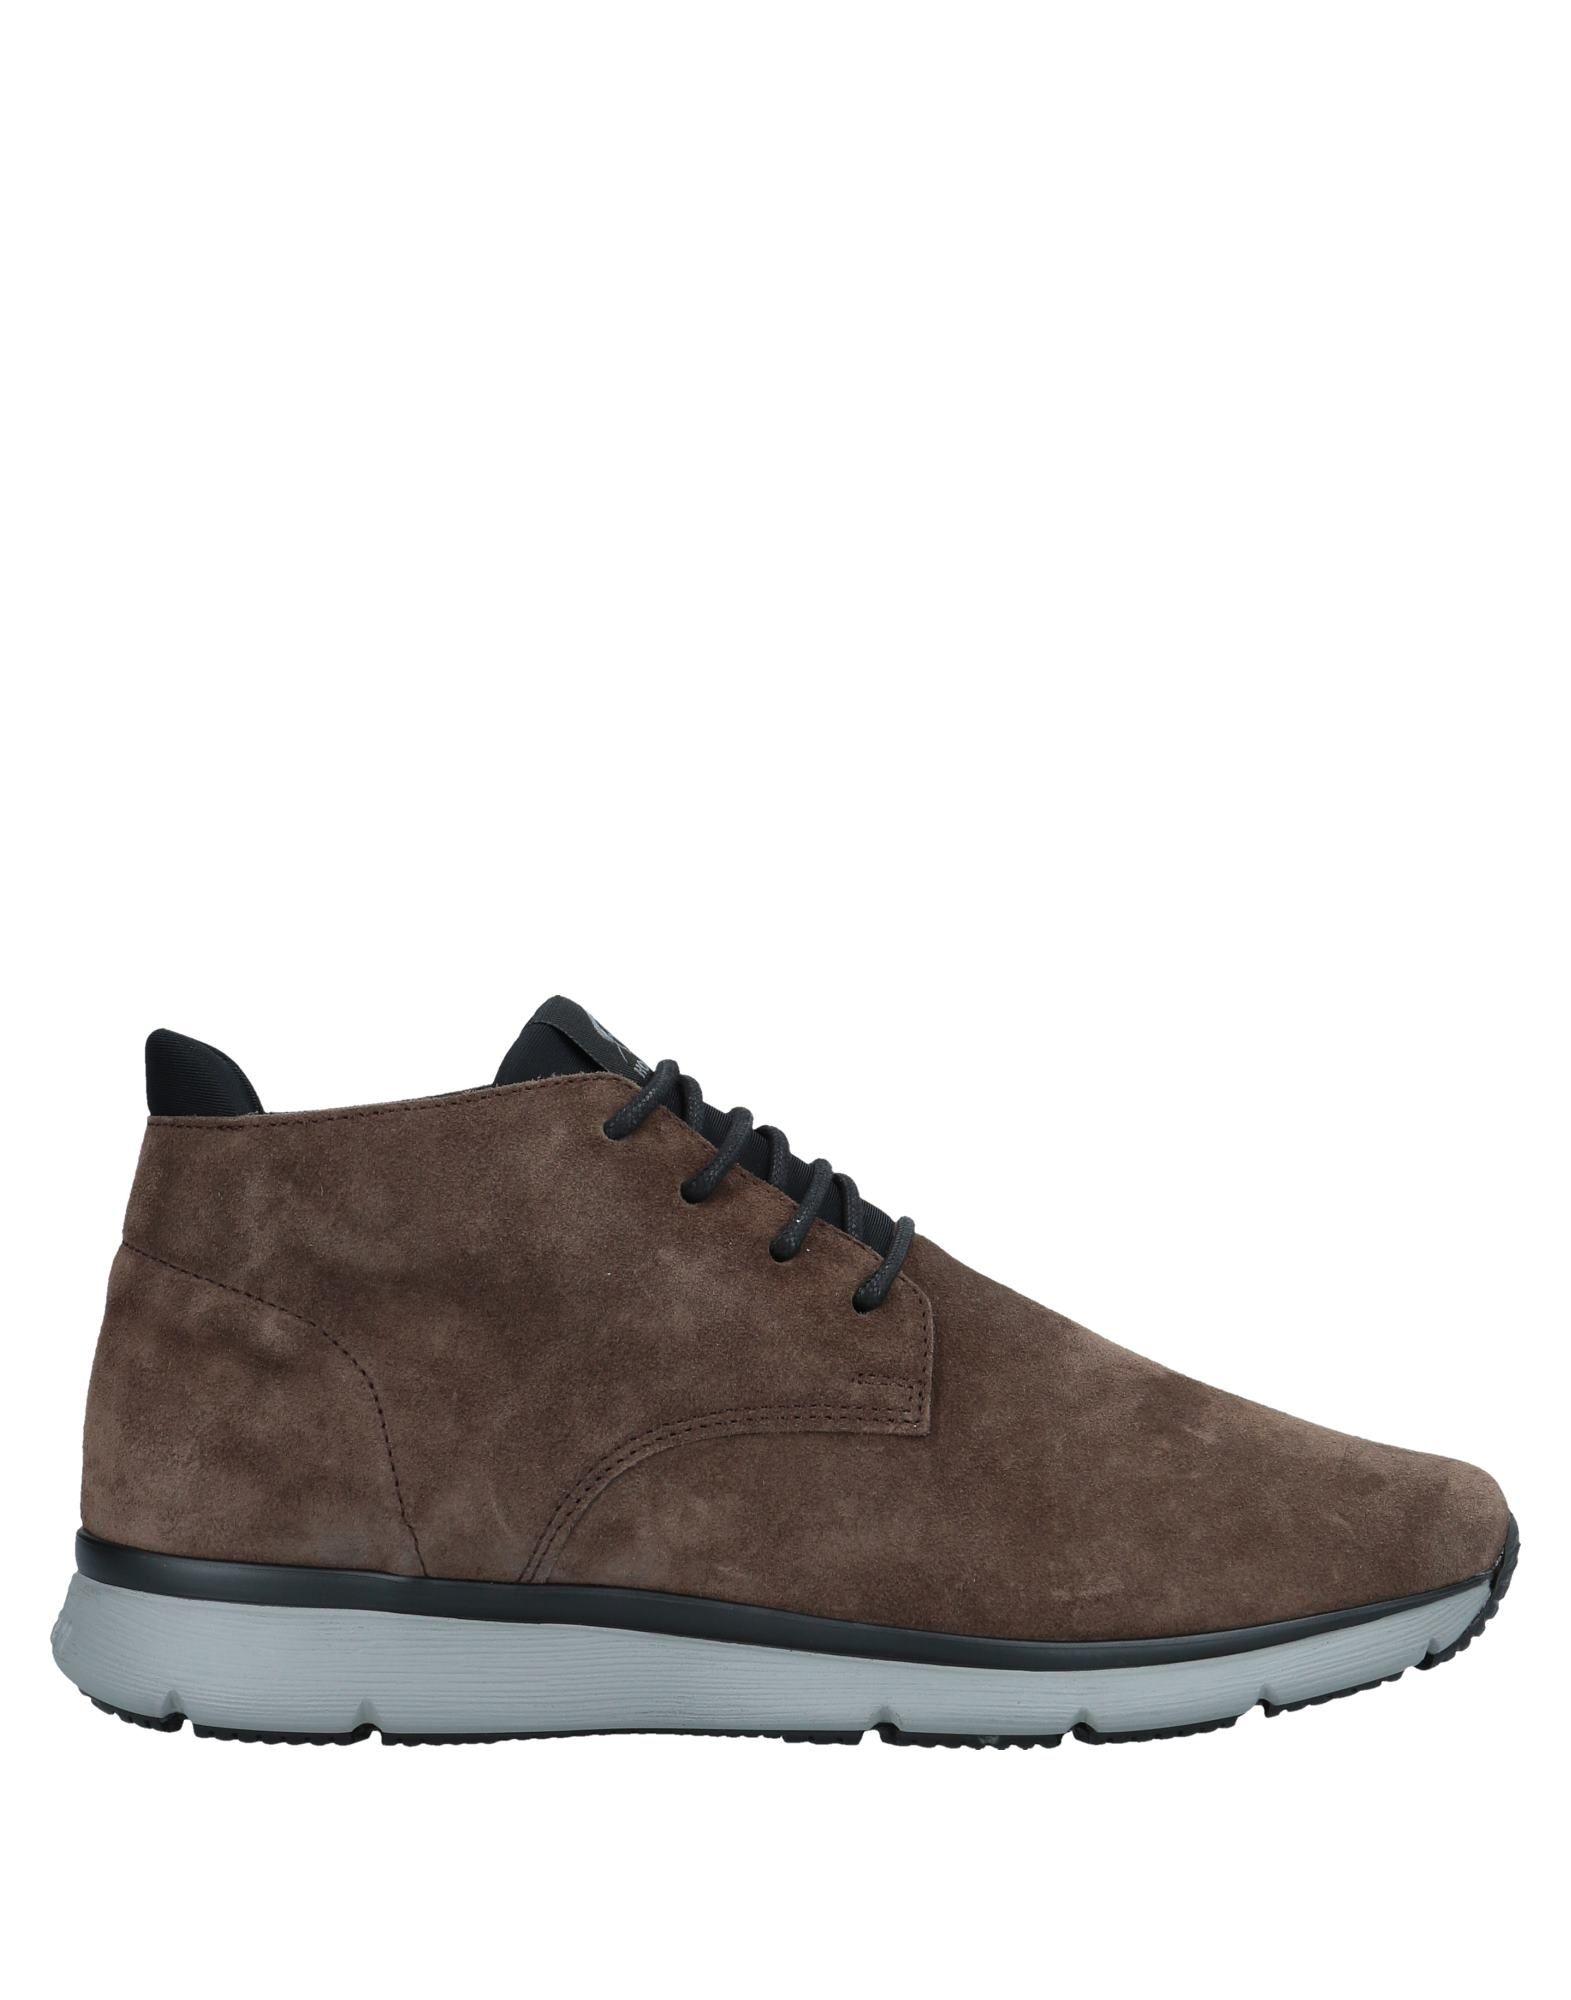 Hogan Stiefelette Herren  11540676IG Gute Qualität beliebte Schuhe